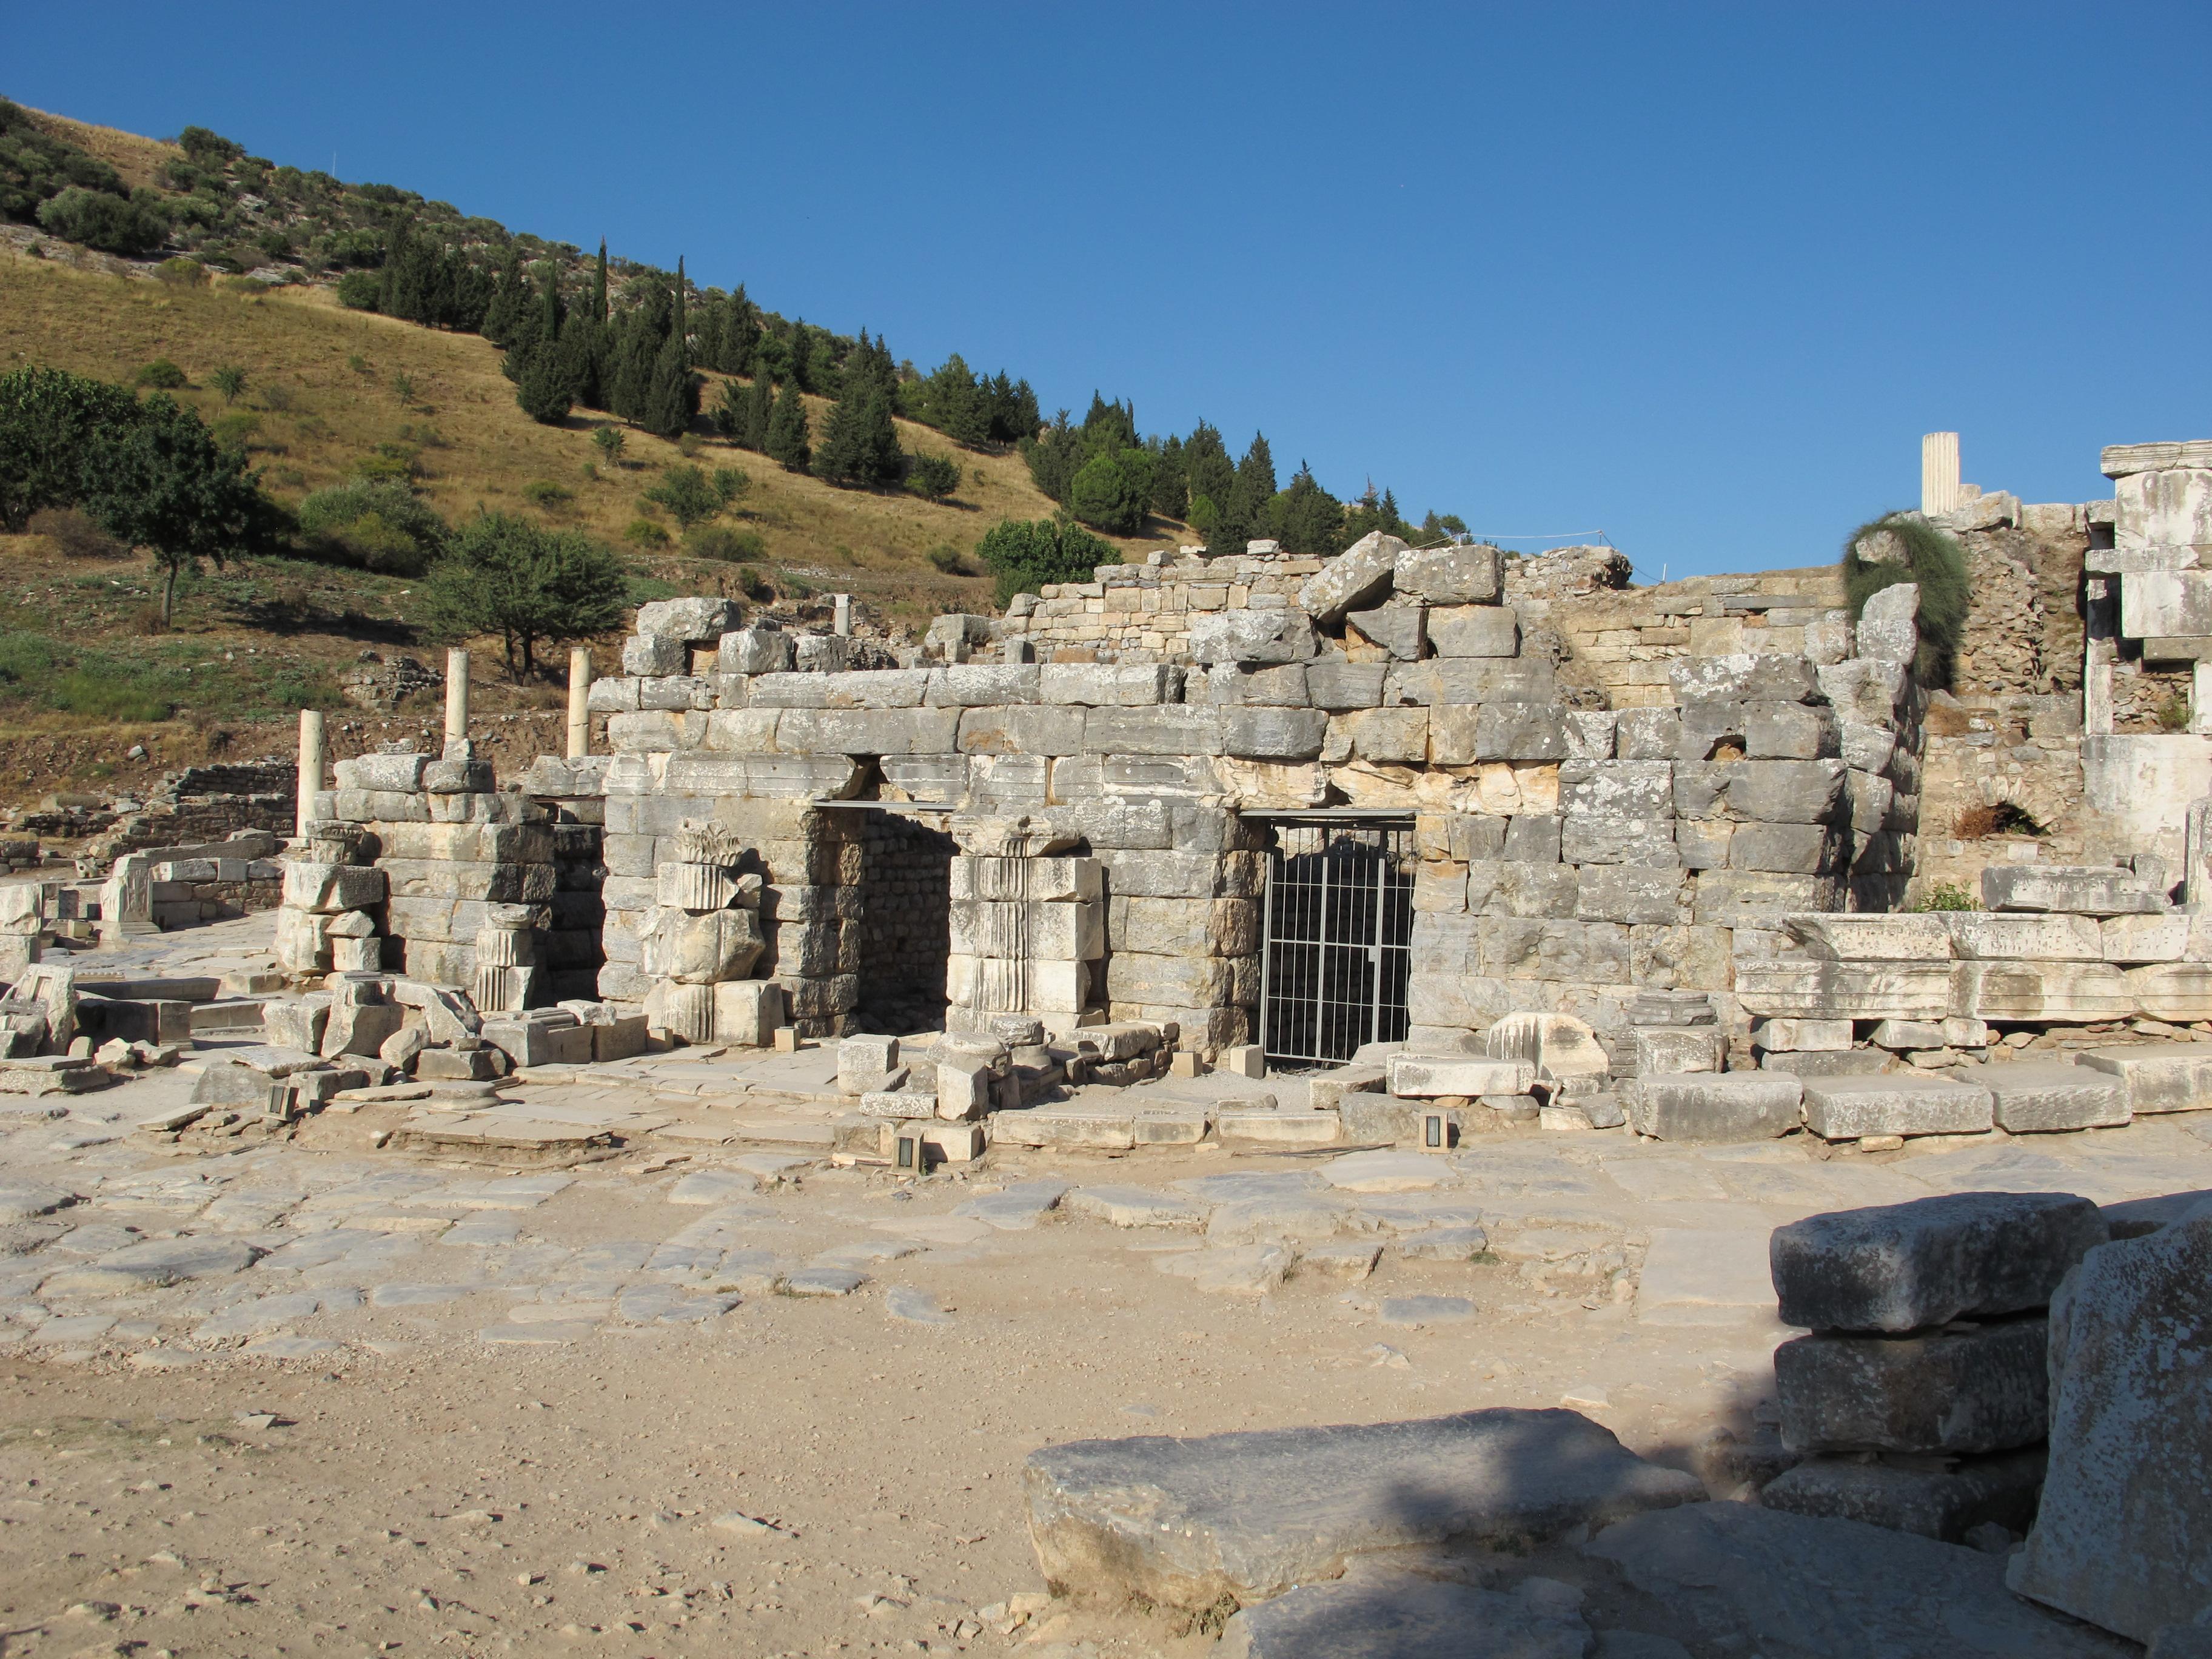 File:Efeso, tempio di domiziano 01.JPG - Wikimedia Commons